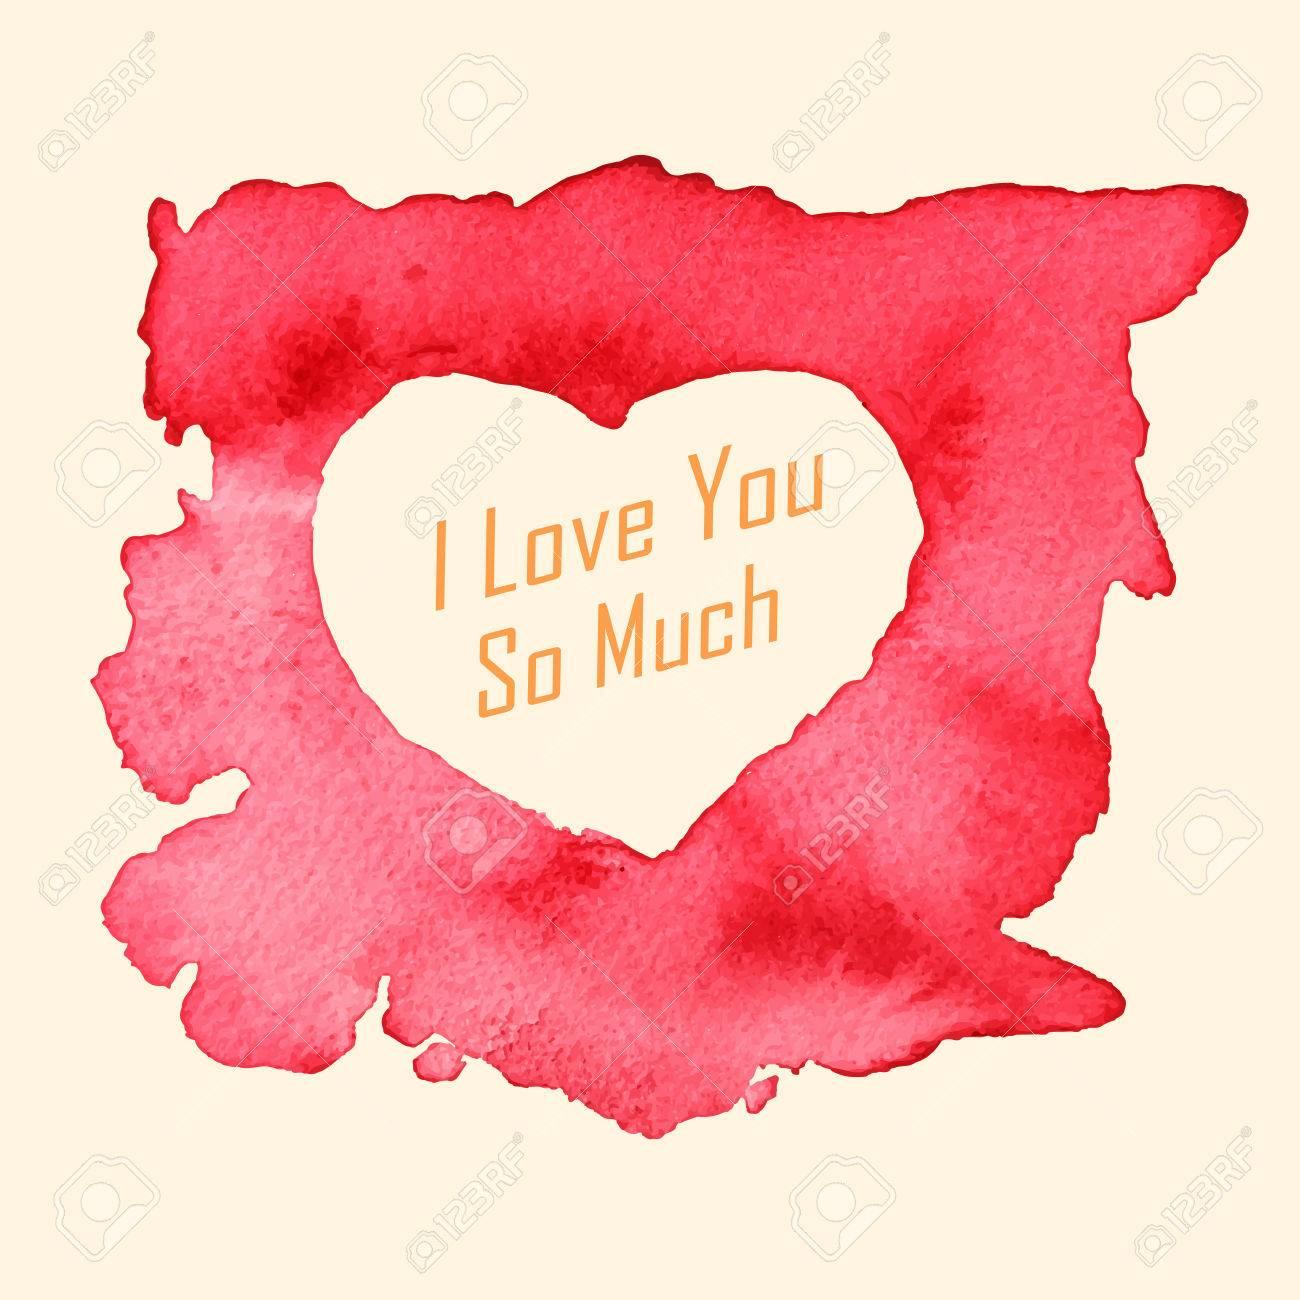 Ich Liebe Dich So Sehr Nachricht Mit Einem Herzformigen Malen Mit